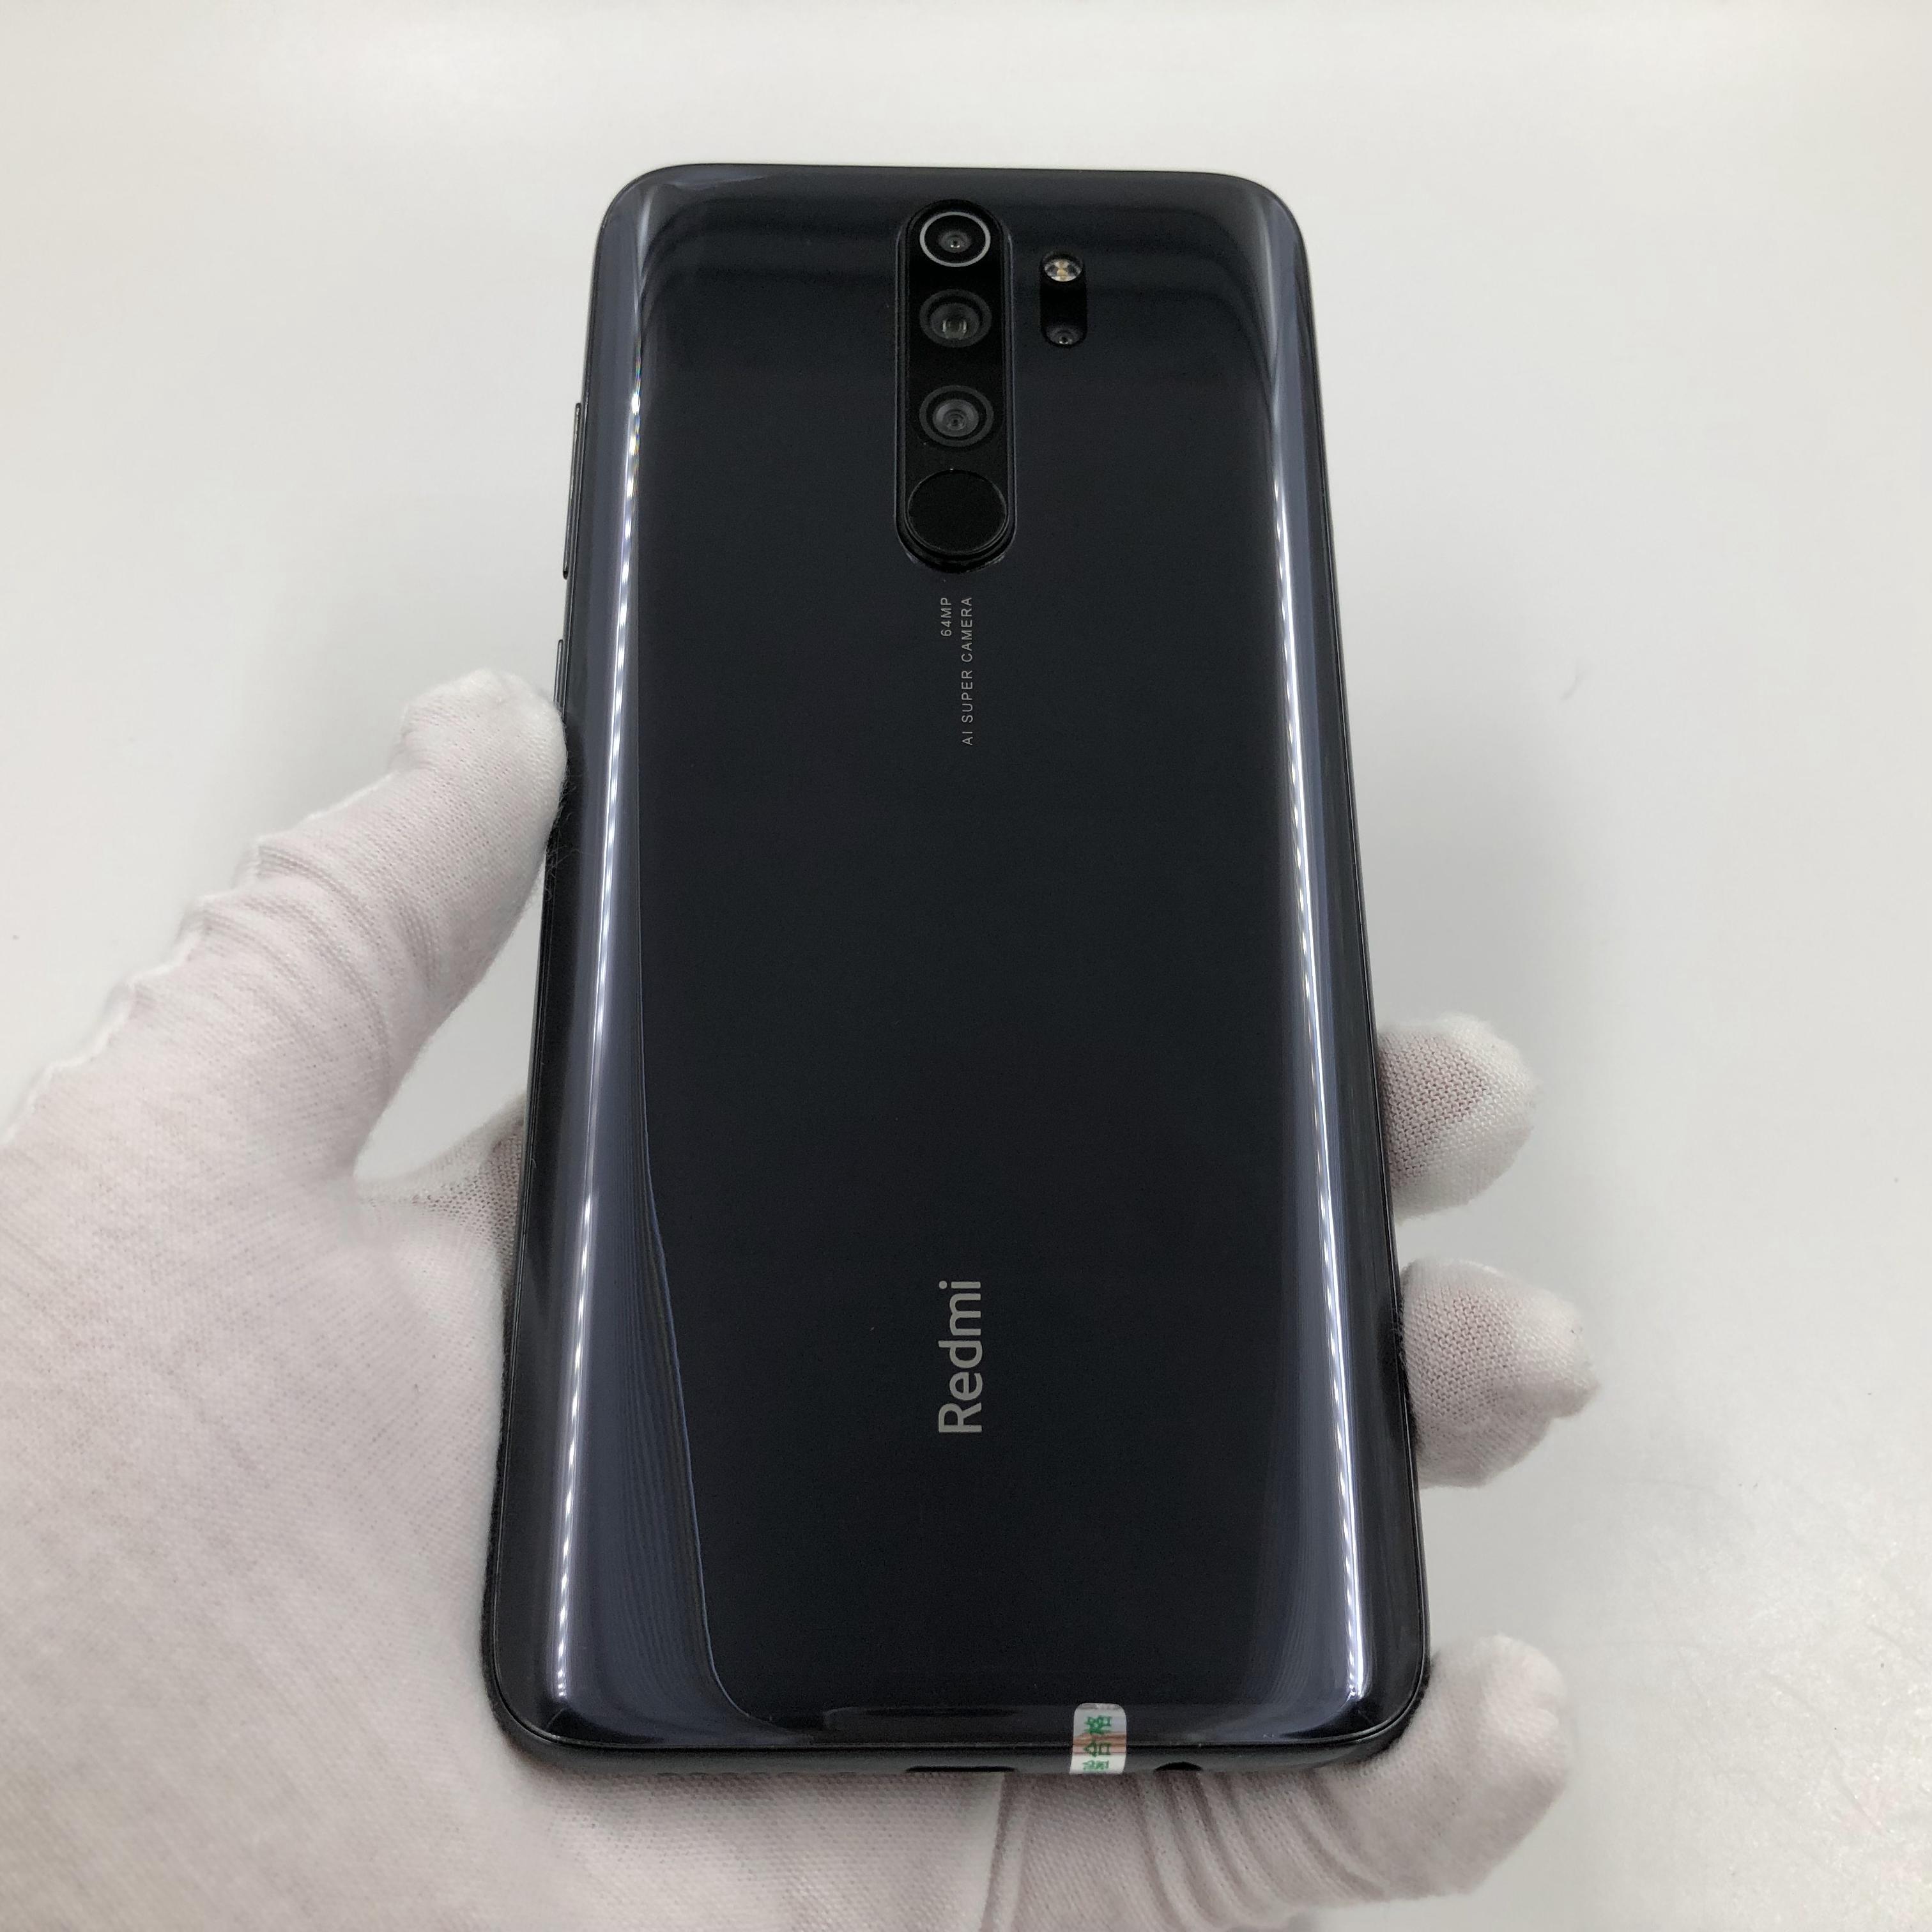 小米【Redmi Note 8 Pro】4G全网通 电光灰 6G/128G 国行 95新 真机实拍